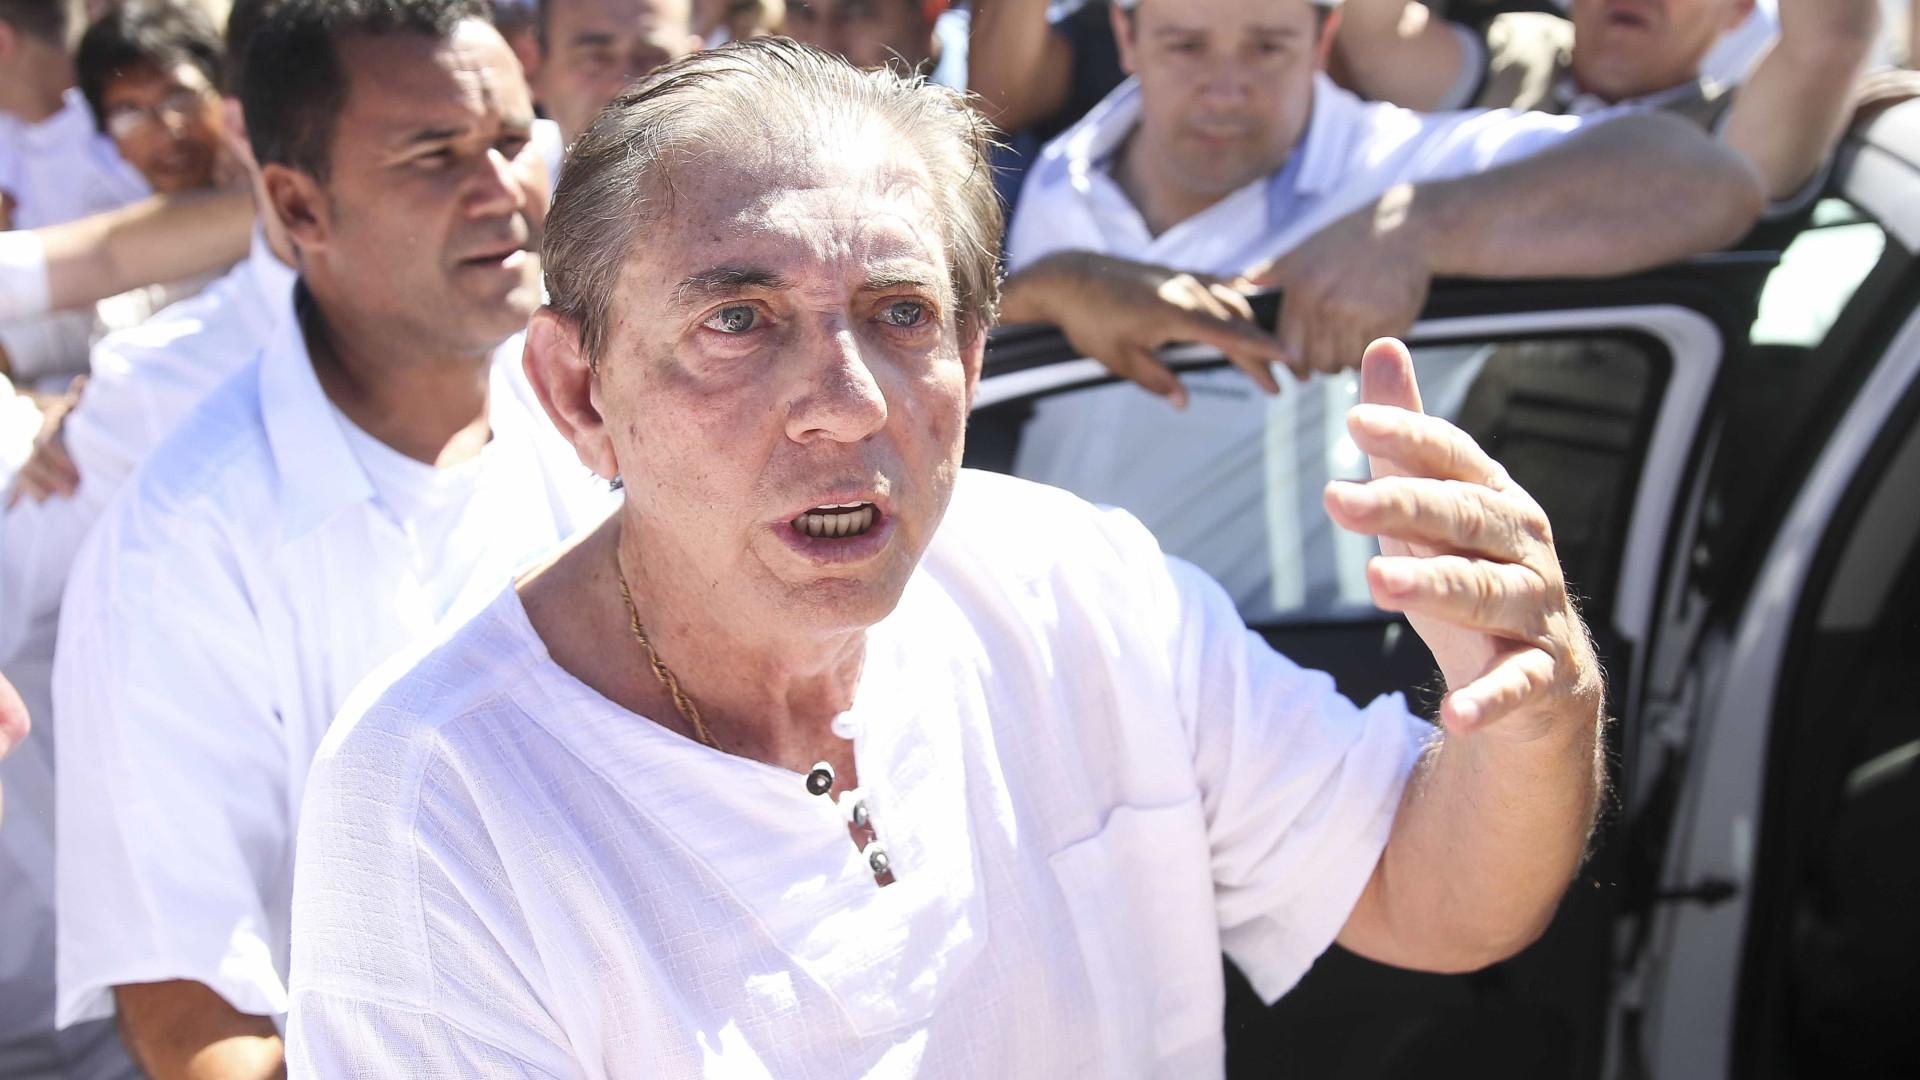 João de Deus retirou R$ 35 milhões de bancos após denúncias